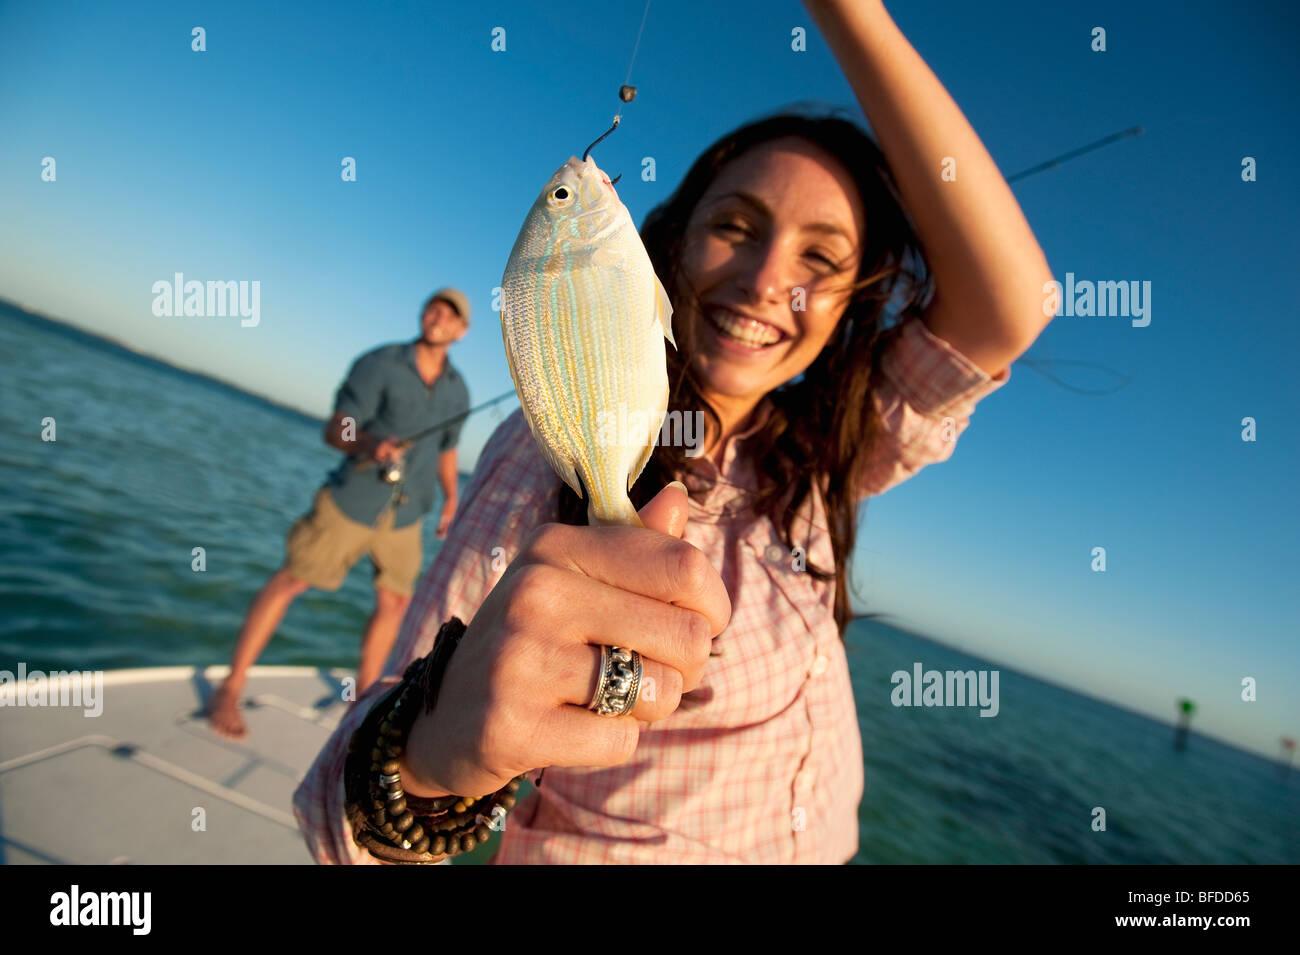 Una mujer sonríe y sostiene un pequeño pez en Florida. Imagen De Stock